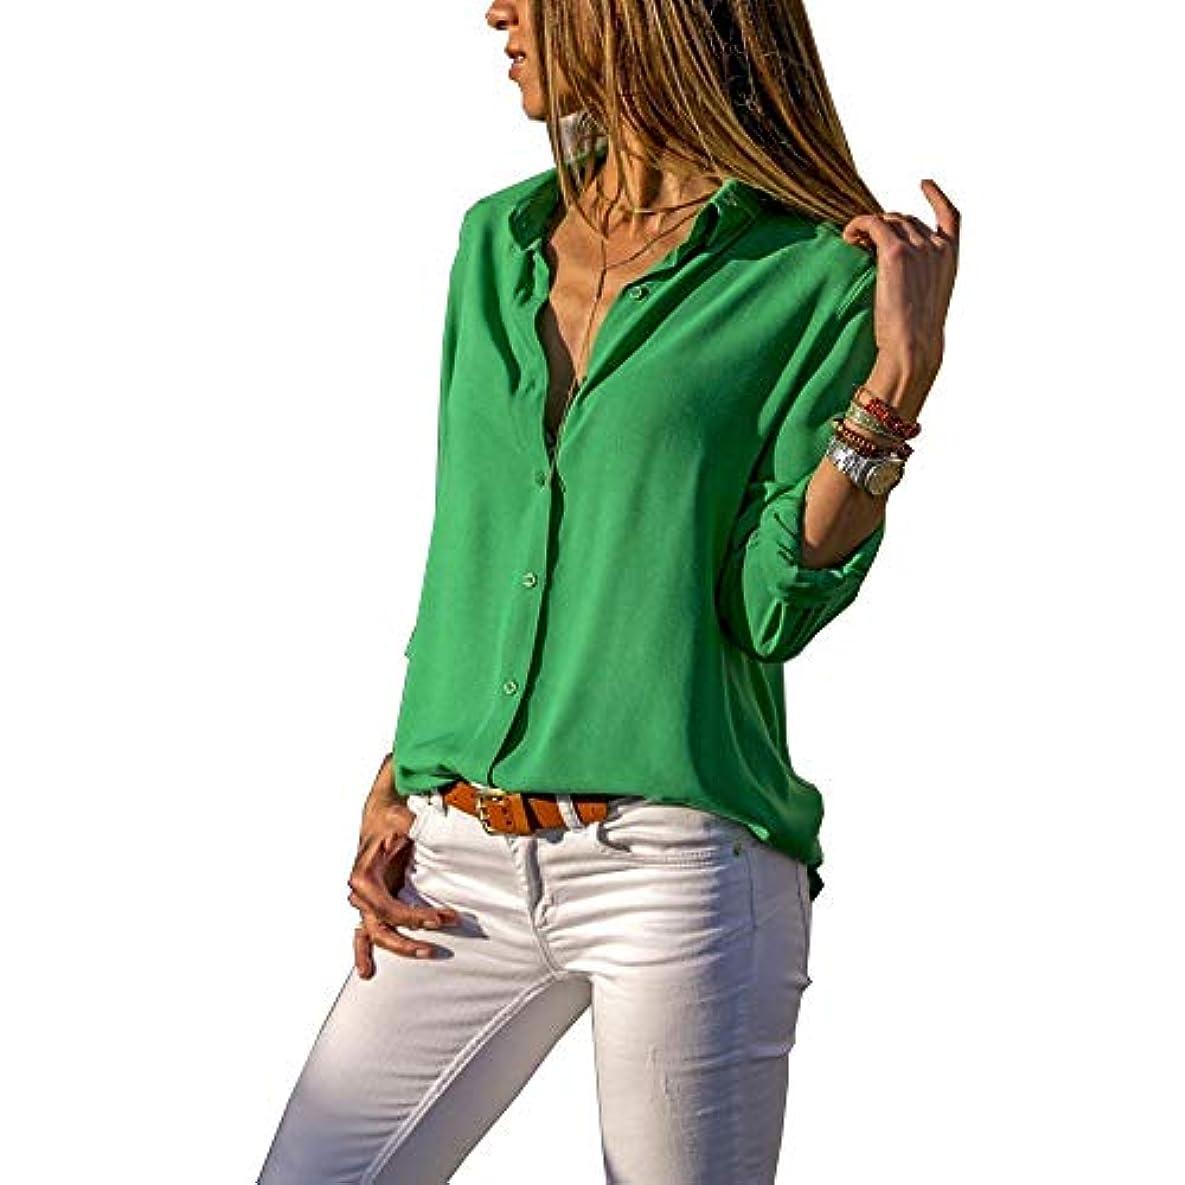 噴水とても多くの企業MIFAN ルーズシャツ、トップス&Tシャツ、プラスサイズ、トップス&ブラウス、シフォンブラウス、女性トップス、シフォンシャツ